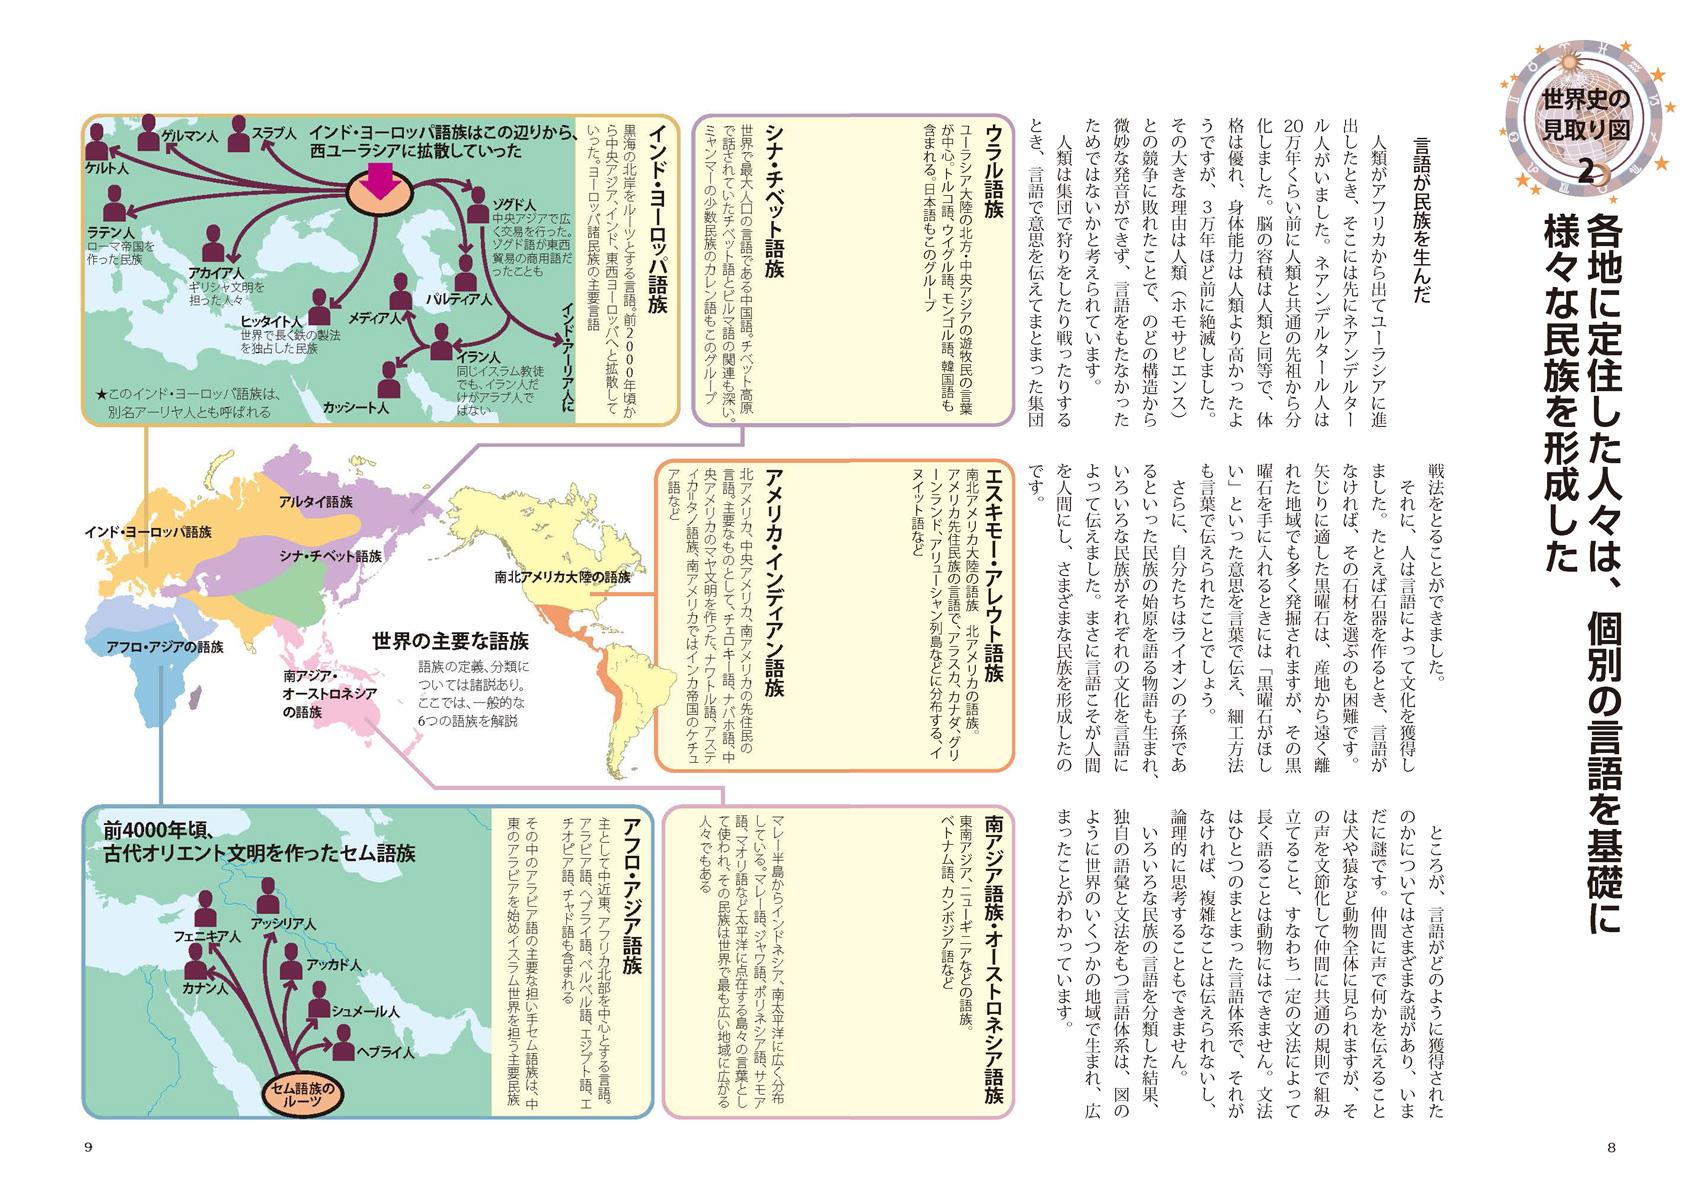 『図解でわかる 14歳から知る日本戦後政治史』ページサンプル3